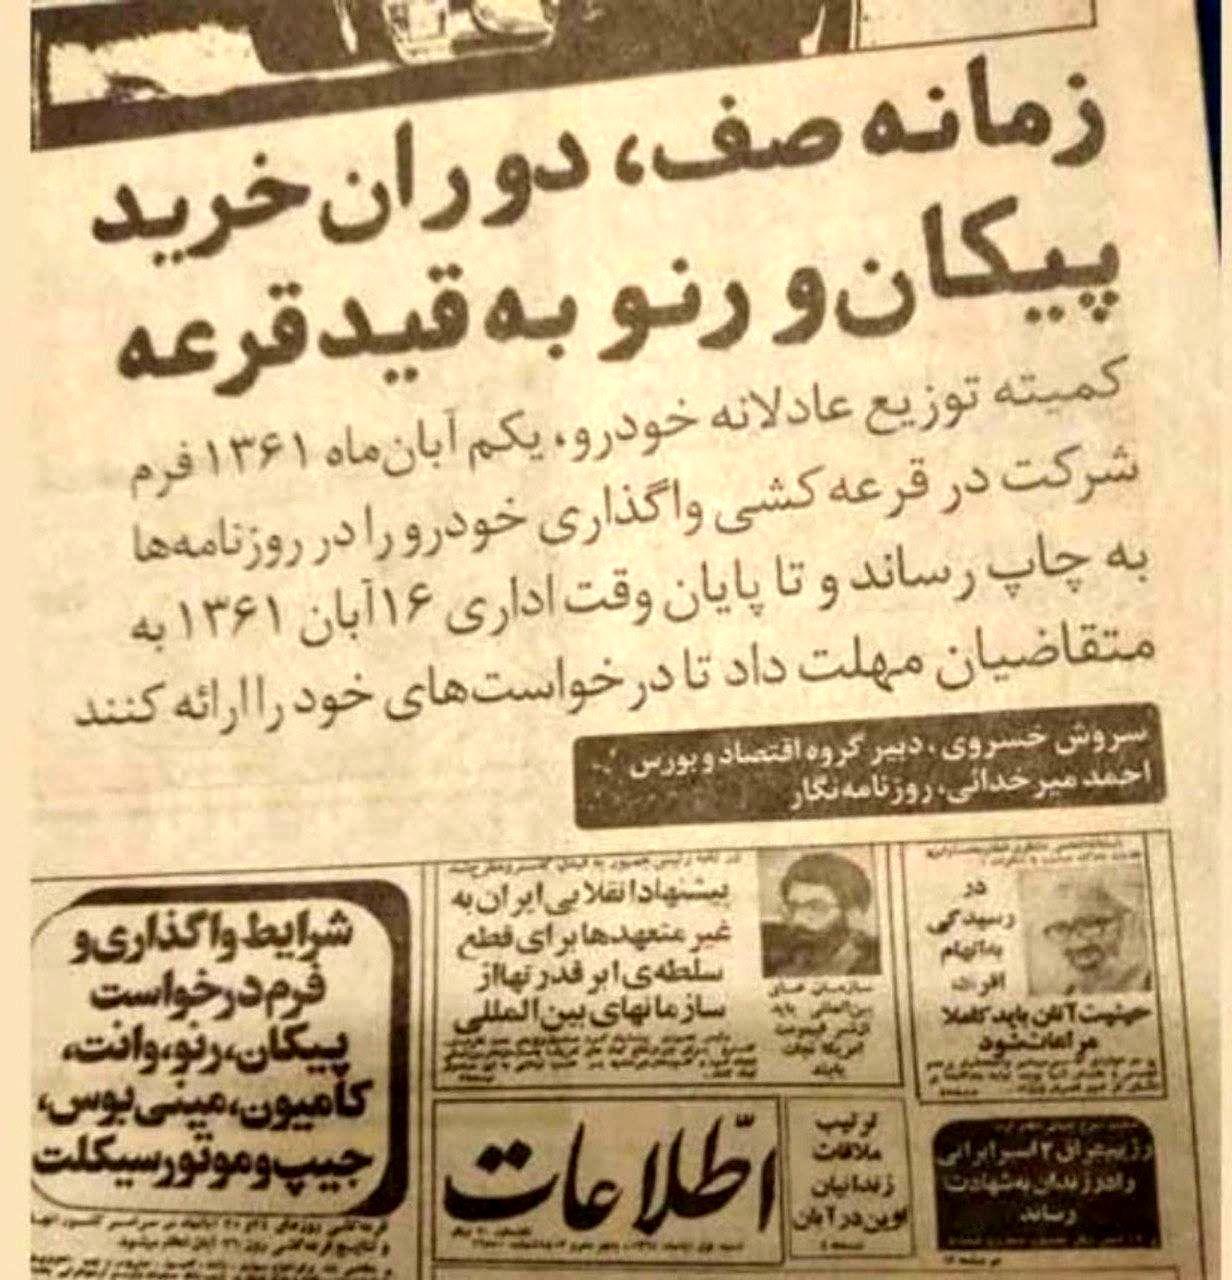 تاریخچه-قرعه-کشی